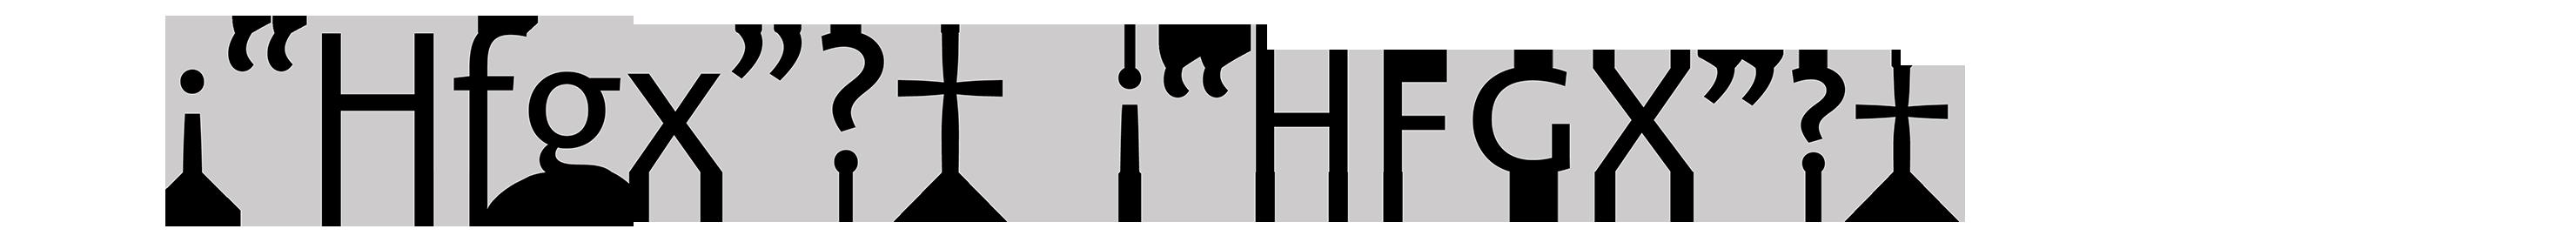 Typeface-Novel-Sans-F01-Atlas-Font-Foundry